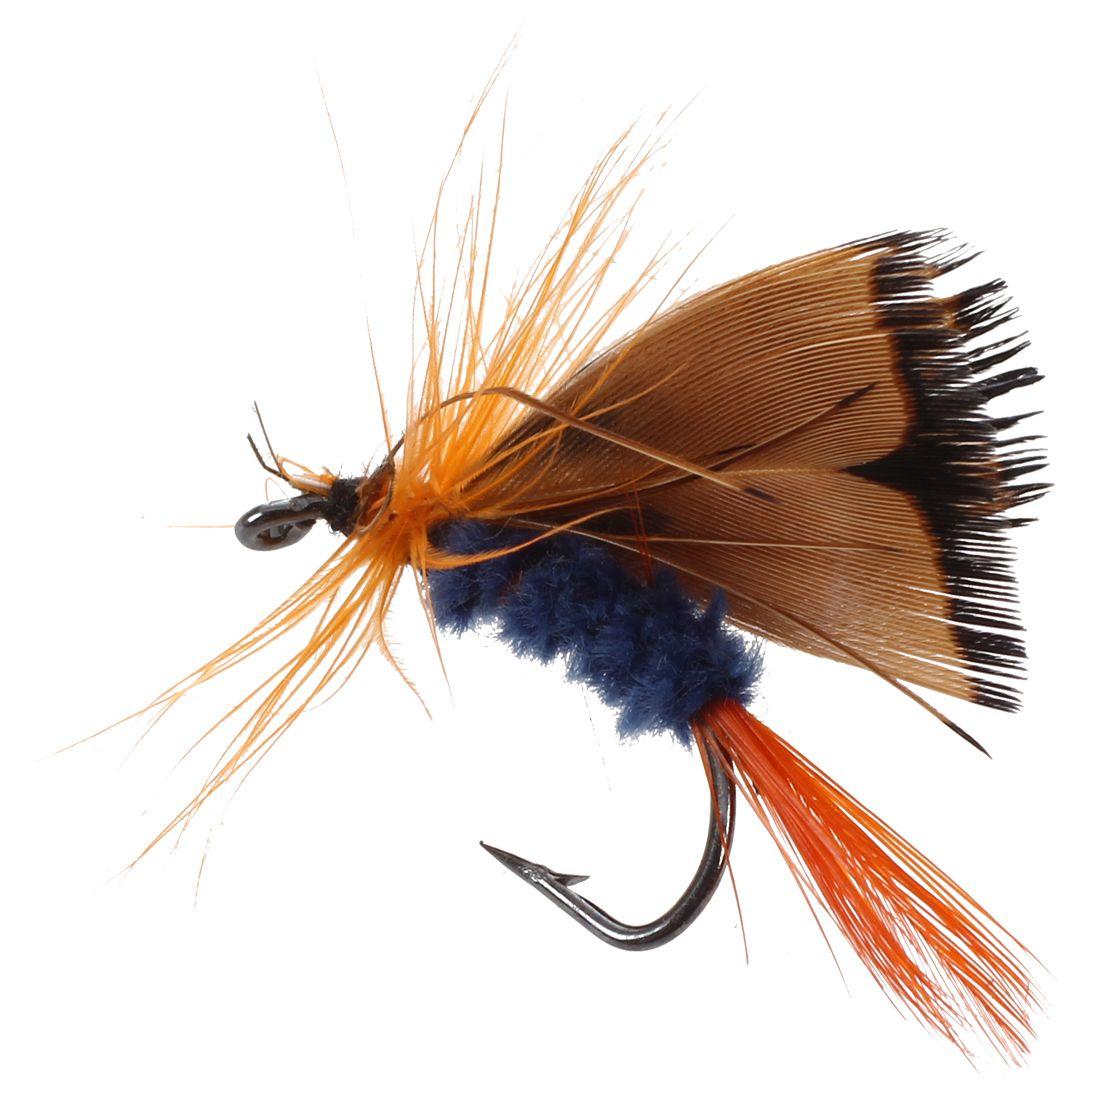 FURABOU Mittlere langhaarige Fliegenbinden Handwerk Fell Grizzly Pile 7cm